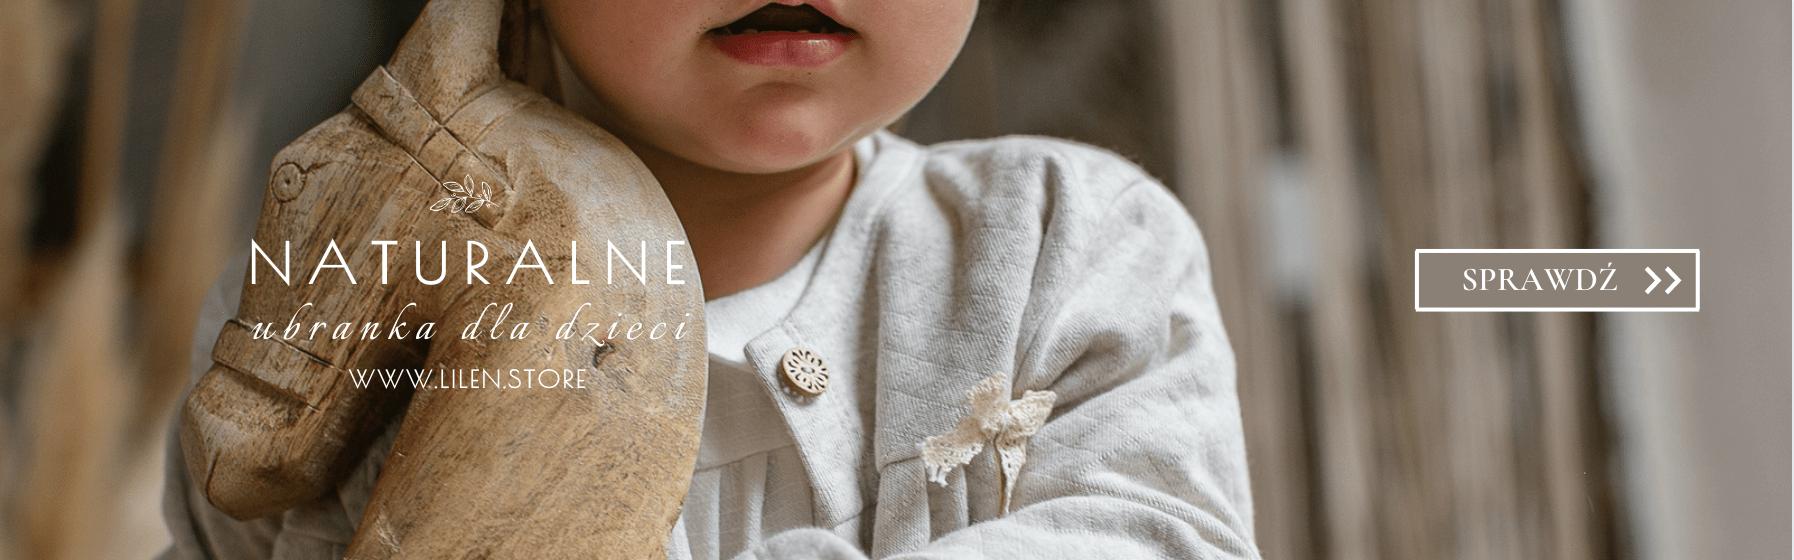 naturalne-ubranka-dzieciece-niebanalne-wyjatkowe-sukienki-dla-dziewczynek-na-chrzest-roczek-lilen